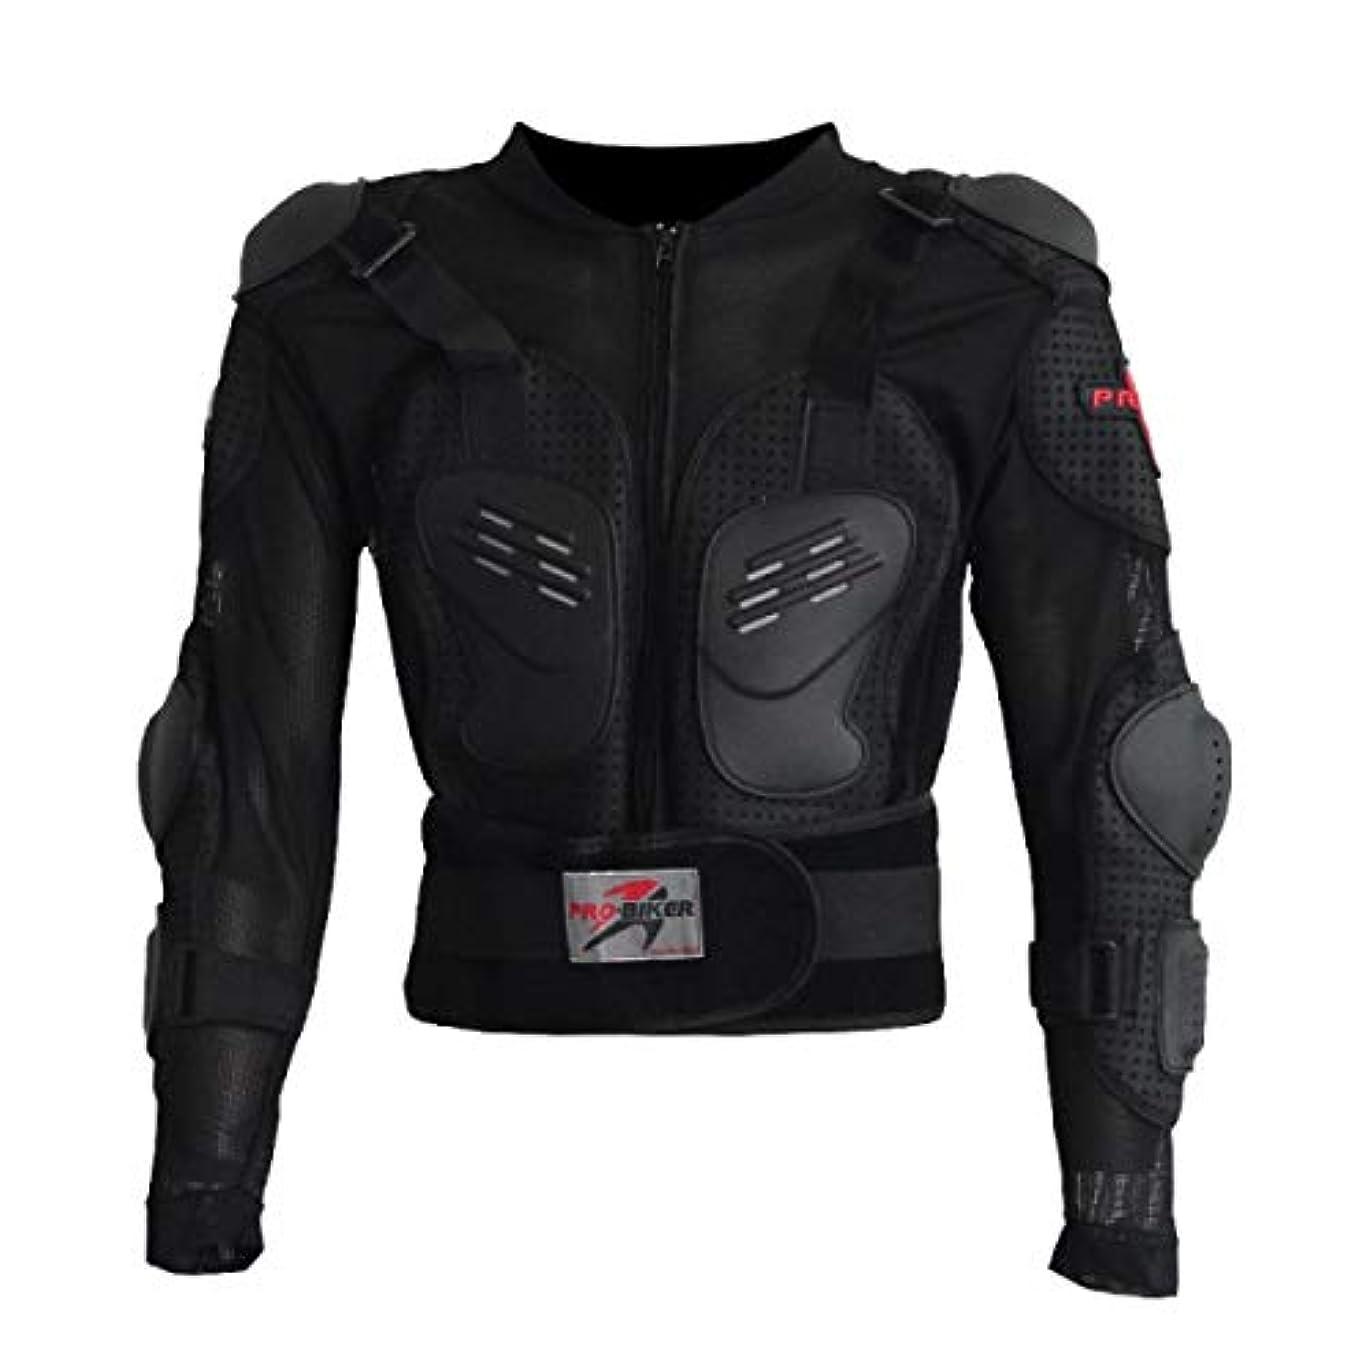 型列挙する可能性オートバイのオフロードアンチドロップ日焼け止め耐摩耗性乗馬防護服